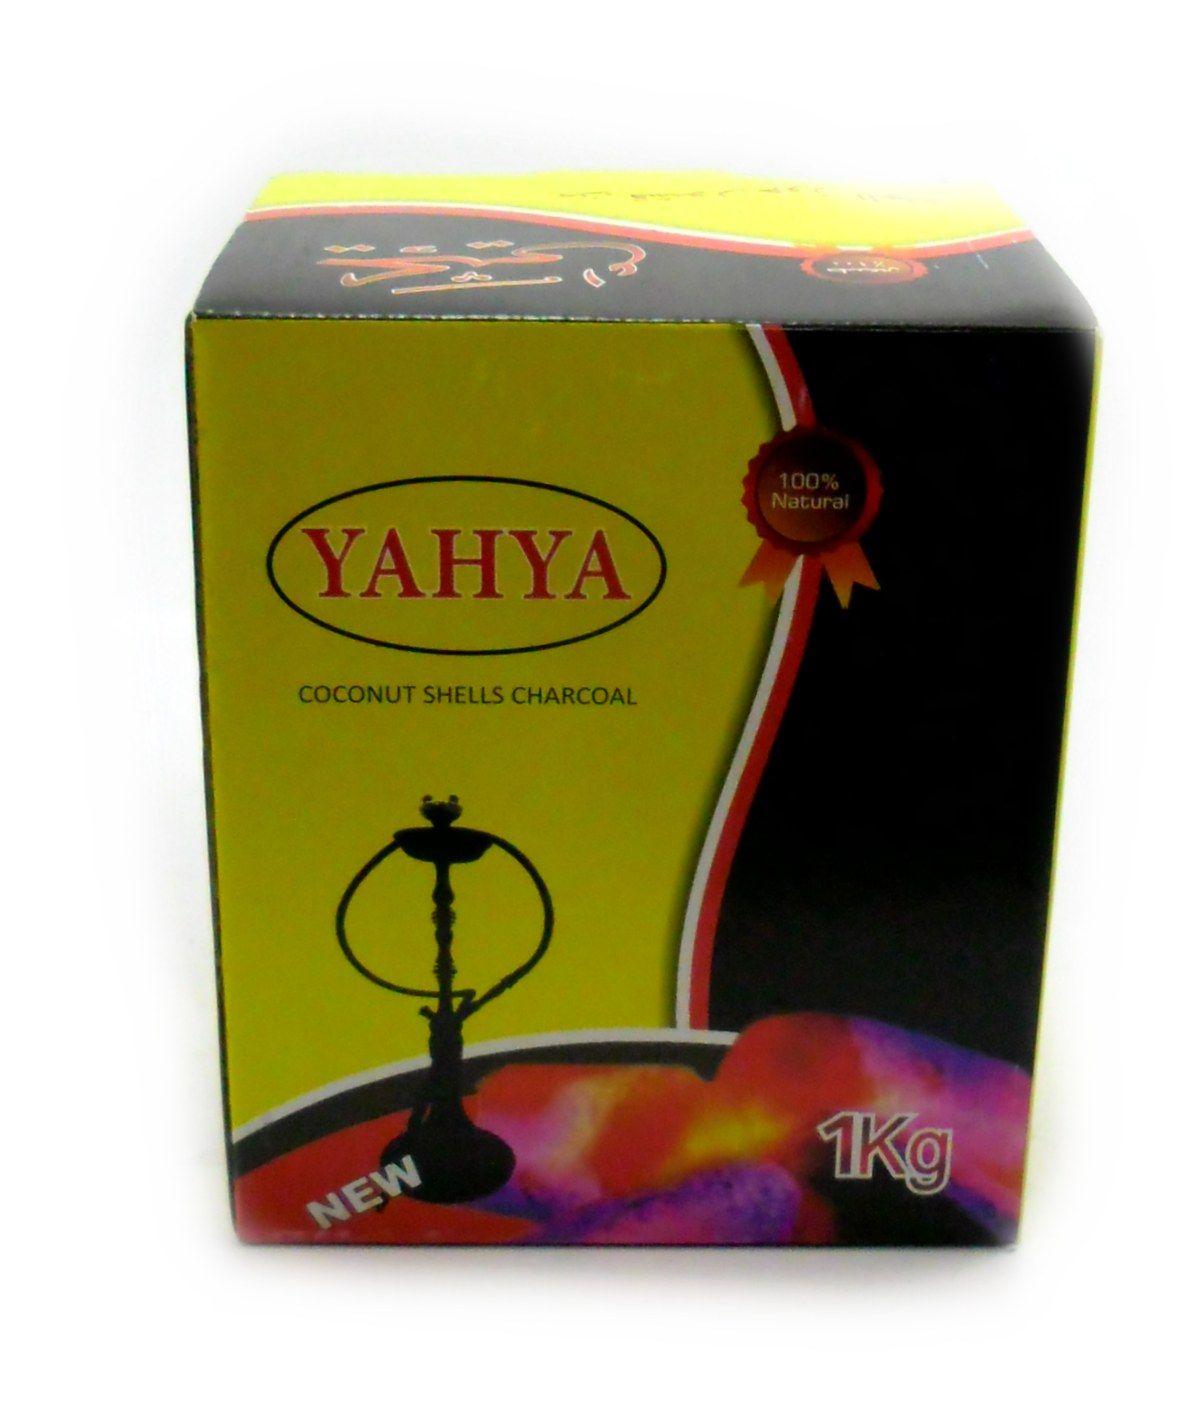 Carvão de coco para narguile e incenso YAHYA - caixa 1kg, aproximadamente 60 unidades HEXAGONAL.